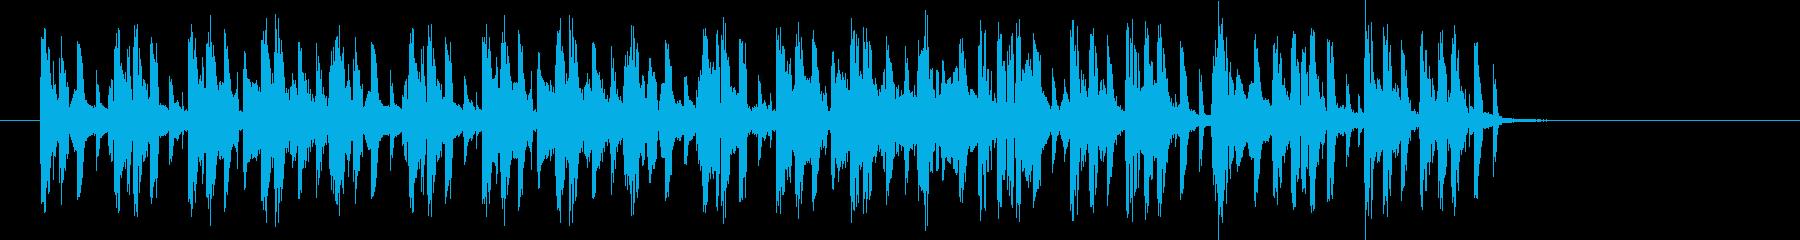 軽快なテンポのテクノポップスの再生済みの波形